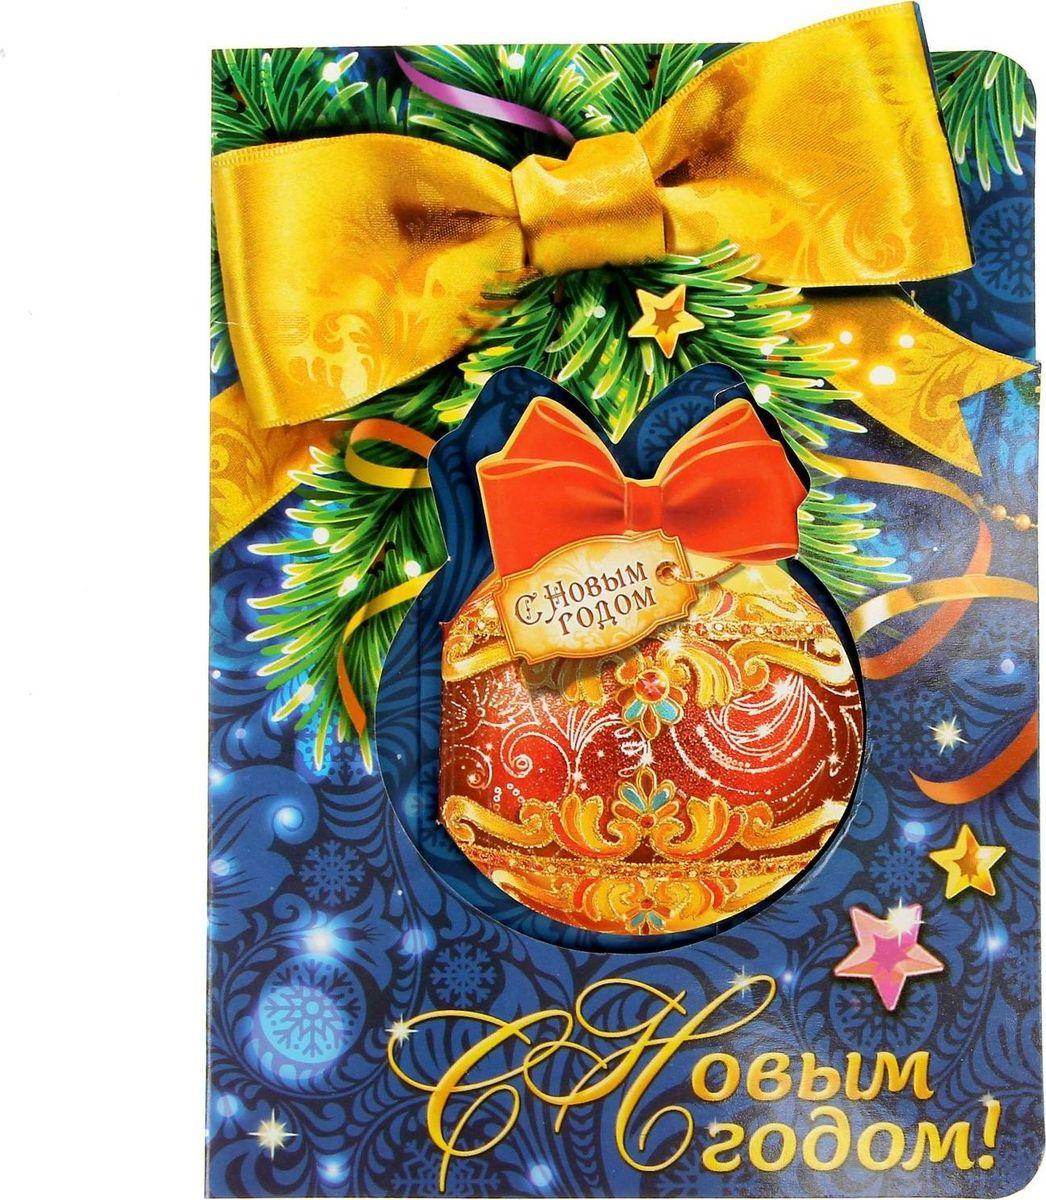 Набор с блокнотом и открыткой С новым годом 135053872523WDСчастья в Новом году! Хотите преподнести другу или коллеге памятный, полезный и в то же время недорогой подарок? Блокнот на открытке — то, что нужно! На нем уже написаны душевные пожелания, поэтому вам не придется долго подбирать нужные слова, чтобы поздравить дорогого человека. Благодаря мини-формату блокнот удобно носить с собой в кармане или сумке, чтобы он всегда был под рукой.